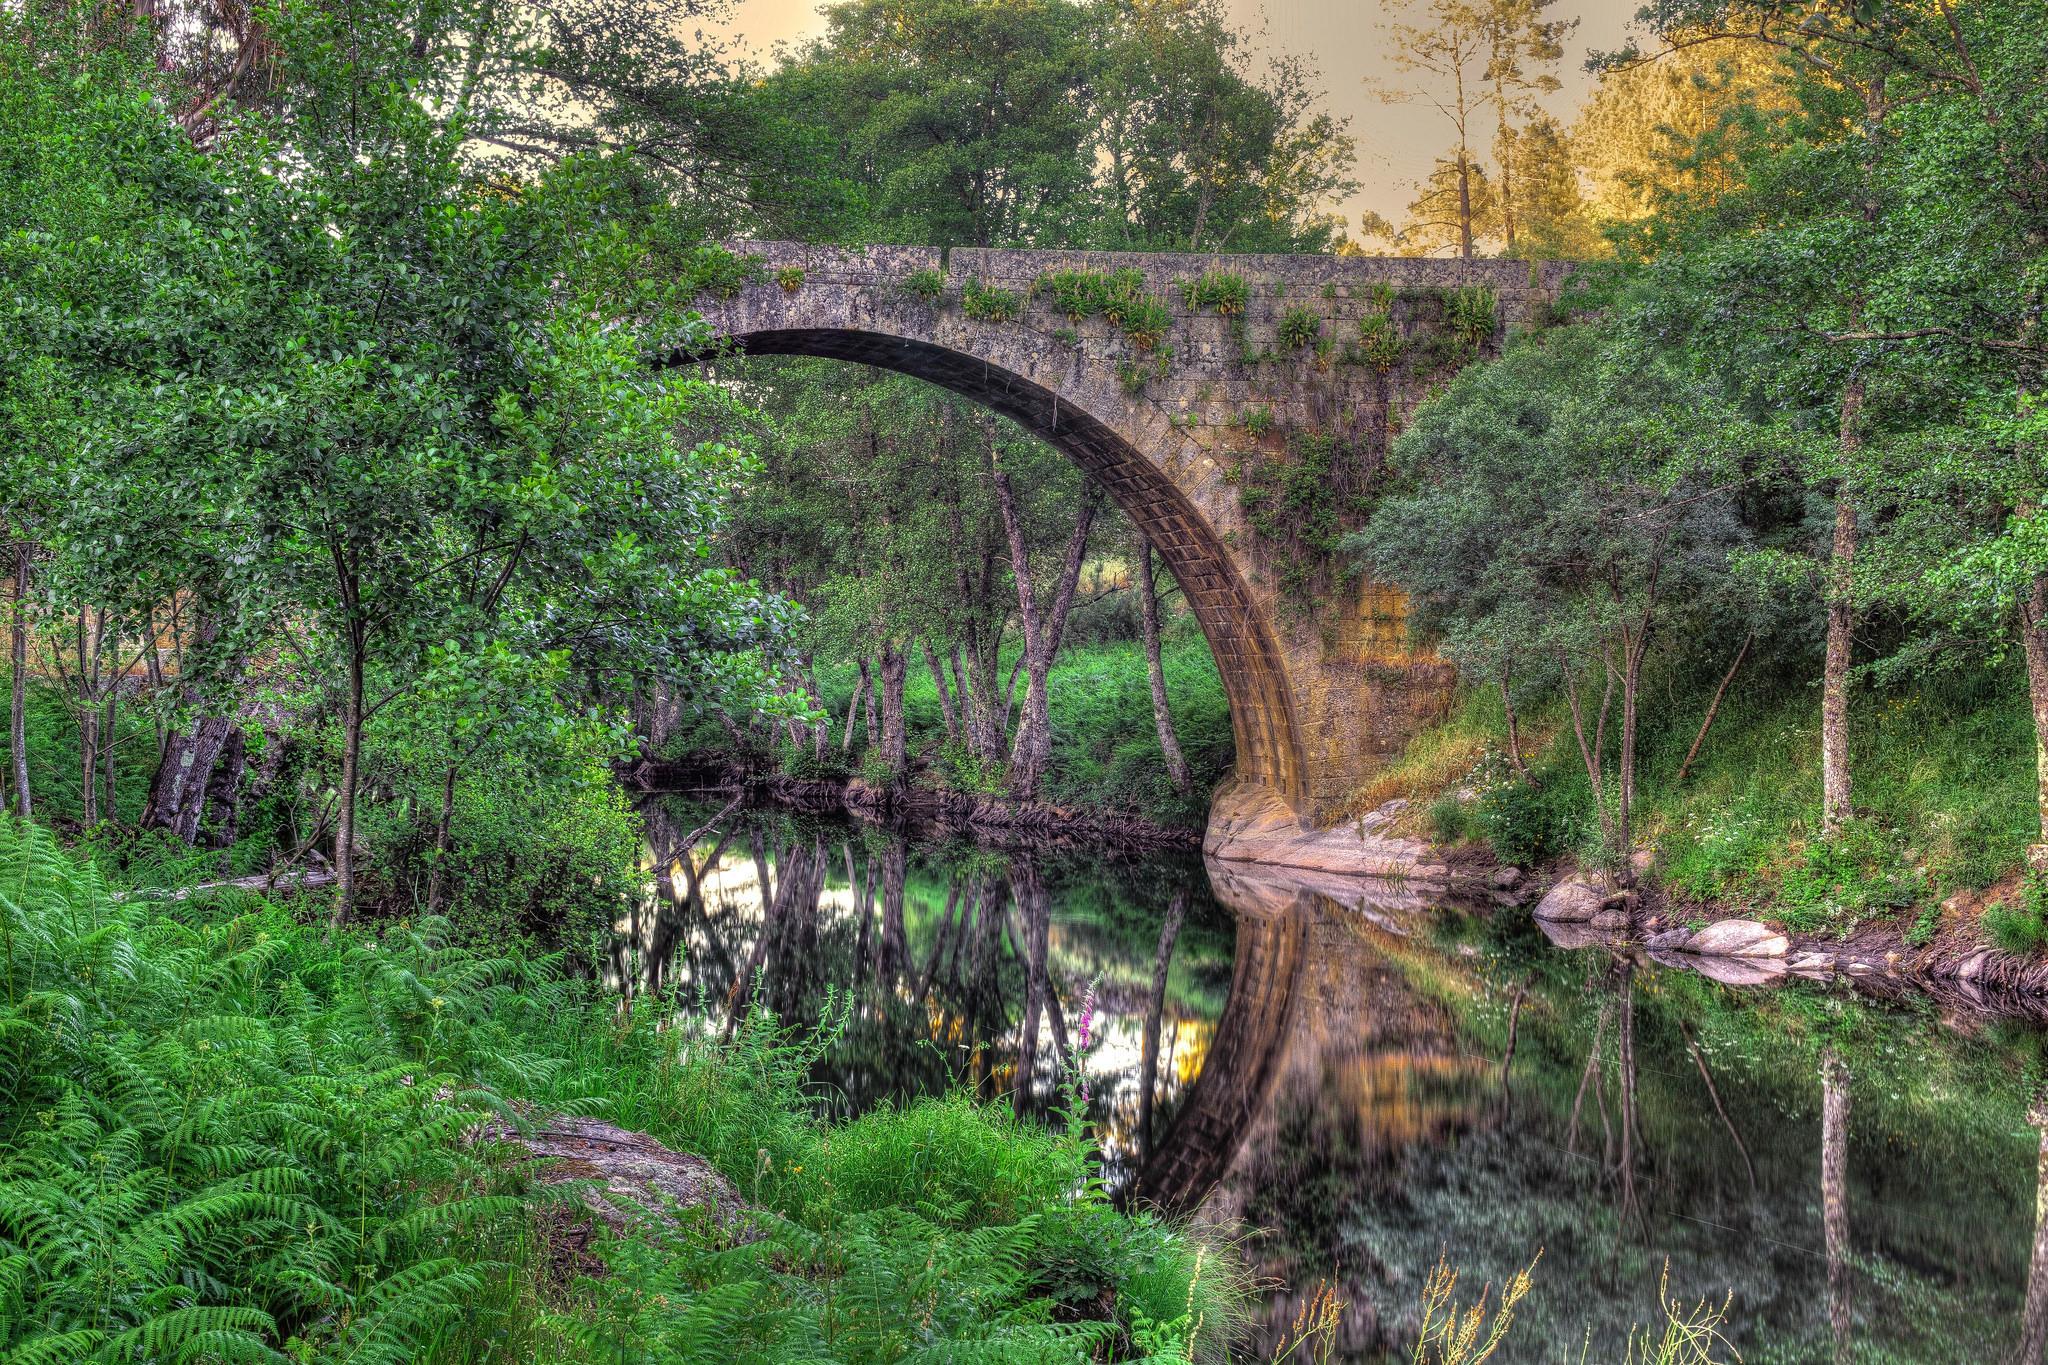 Римская мостовая арка, Пеналва-ду-Каштелу, Визеу